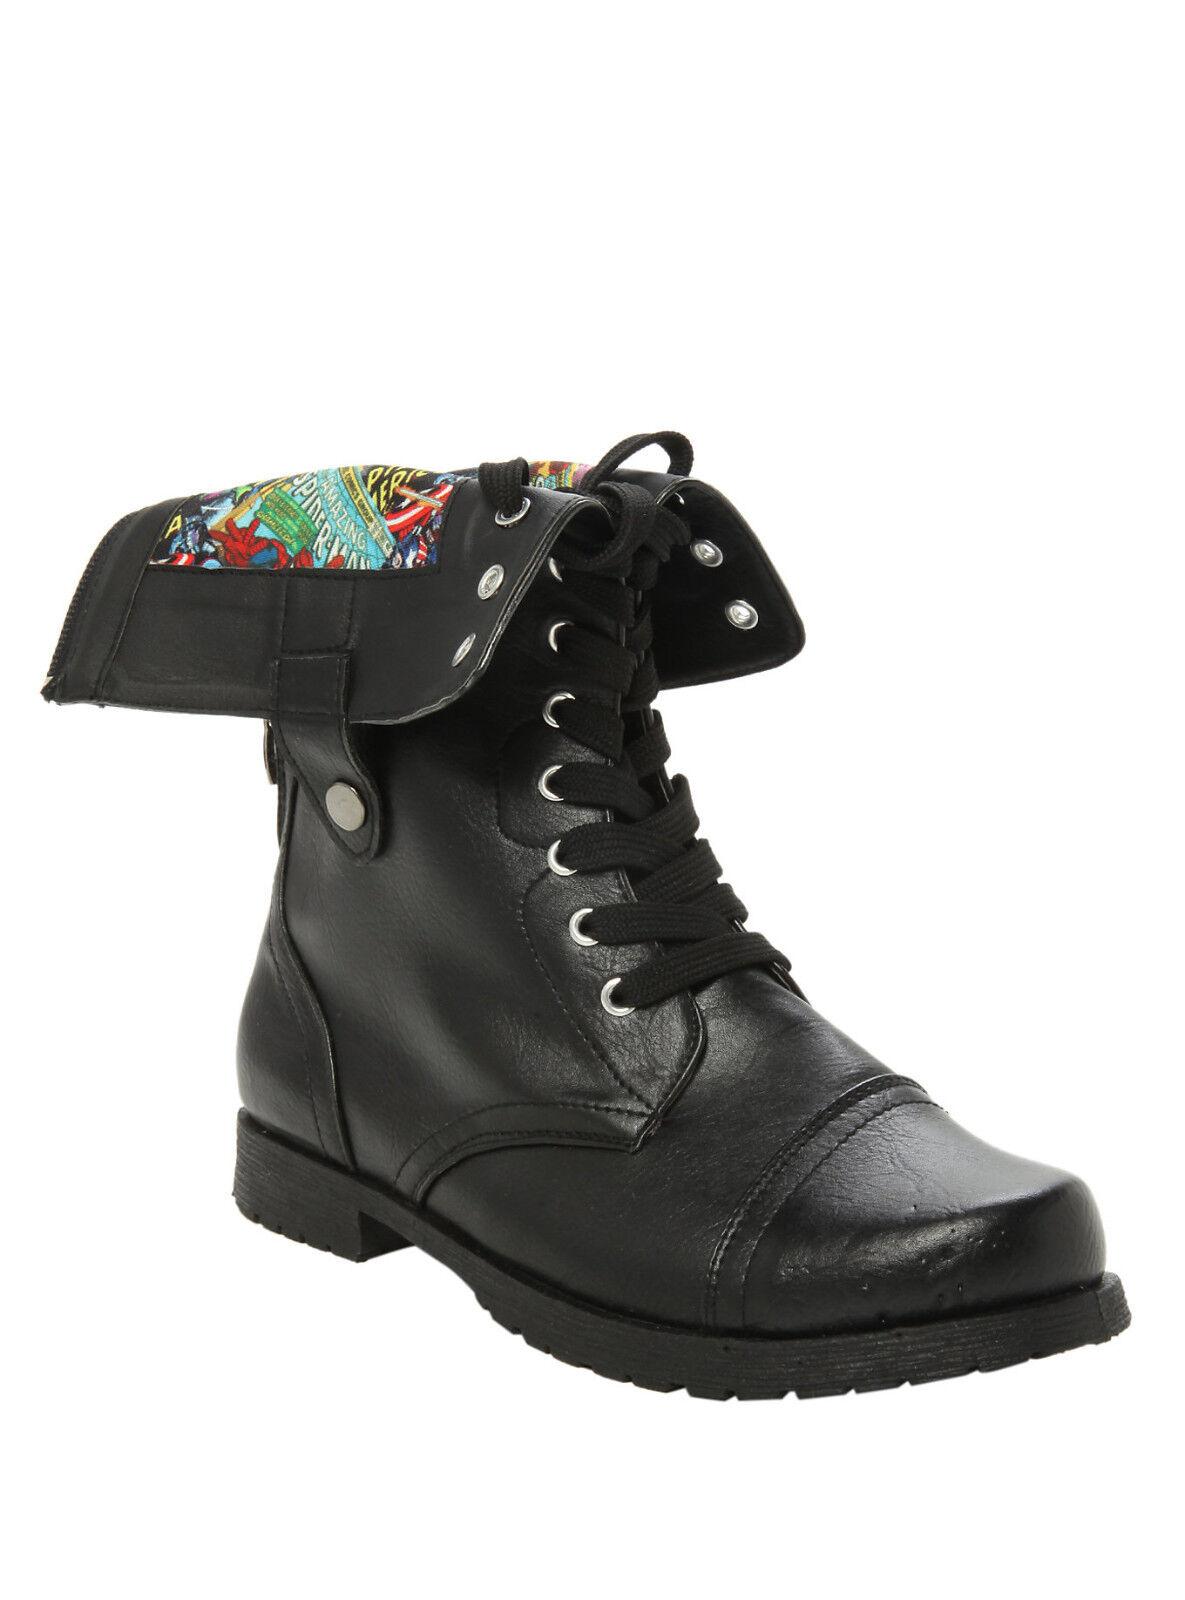 Marvel Avengers Comics Damenschuhe Fold Over Lace Up Zipper COMBAT BOOTS Schuhe 6 9 10